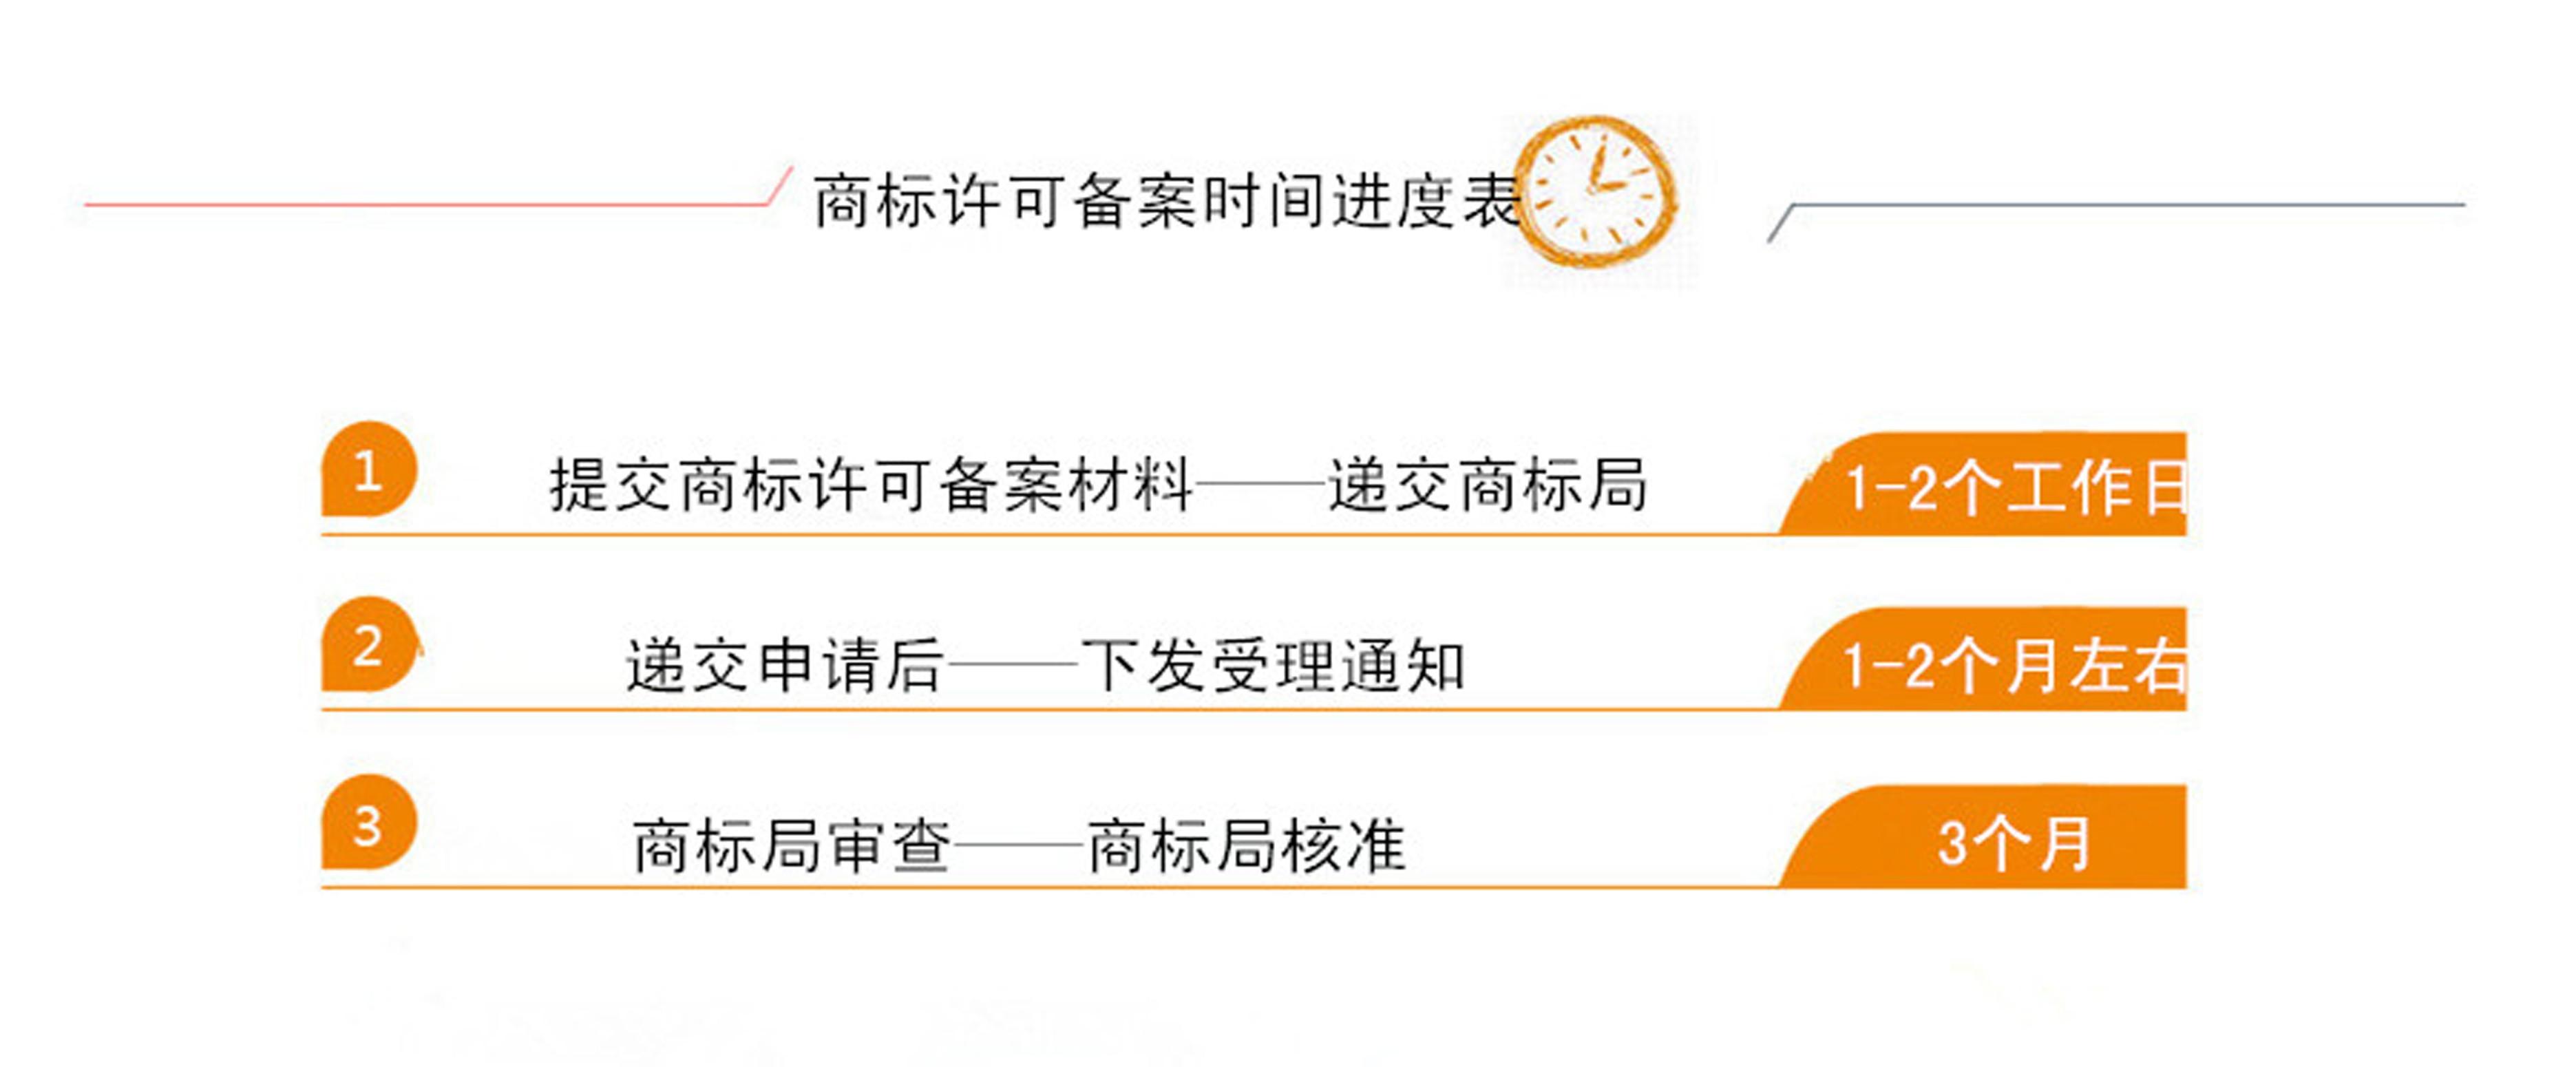 商标许可备案时间表